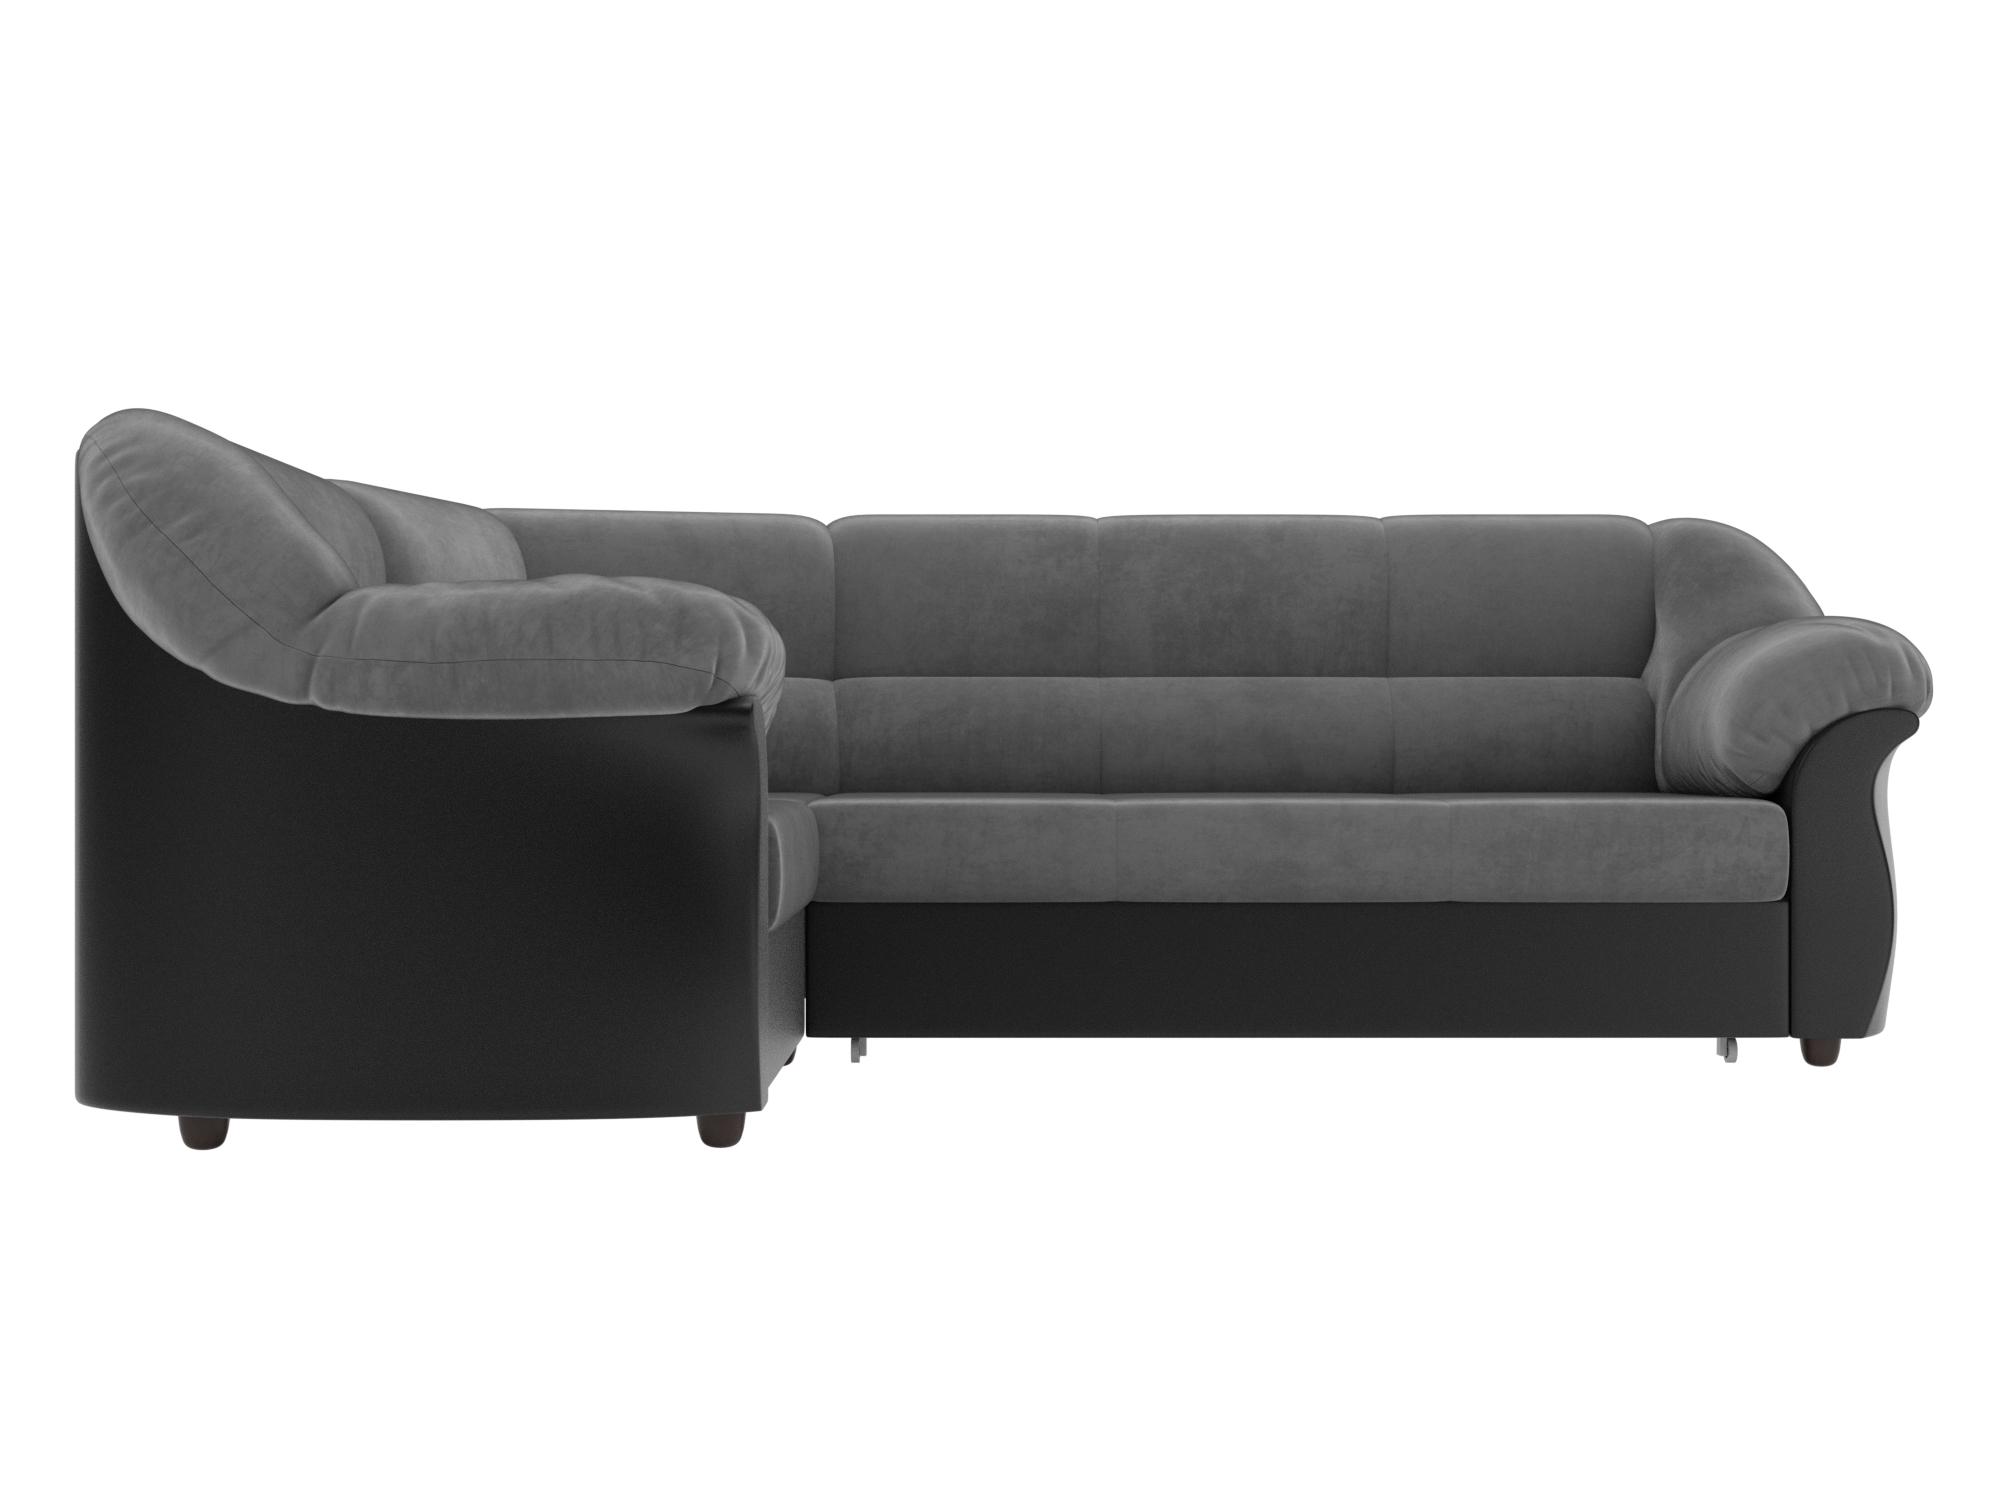 Угловой диван Карнелла Левый MebelVia Серый, Черный